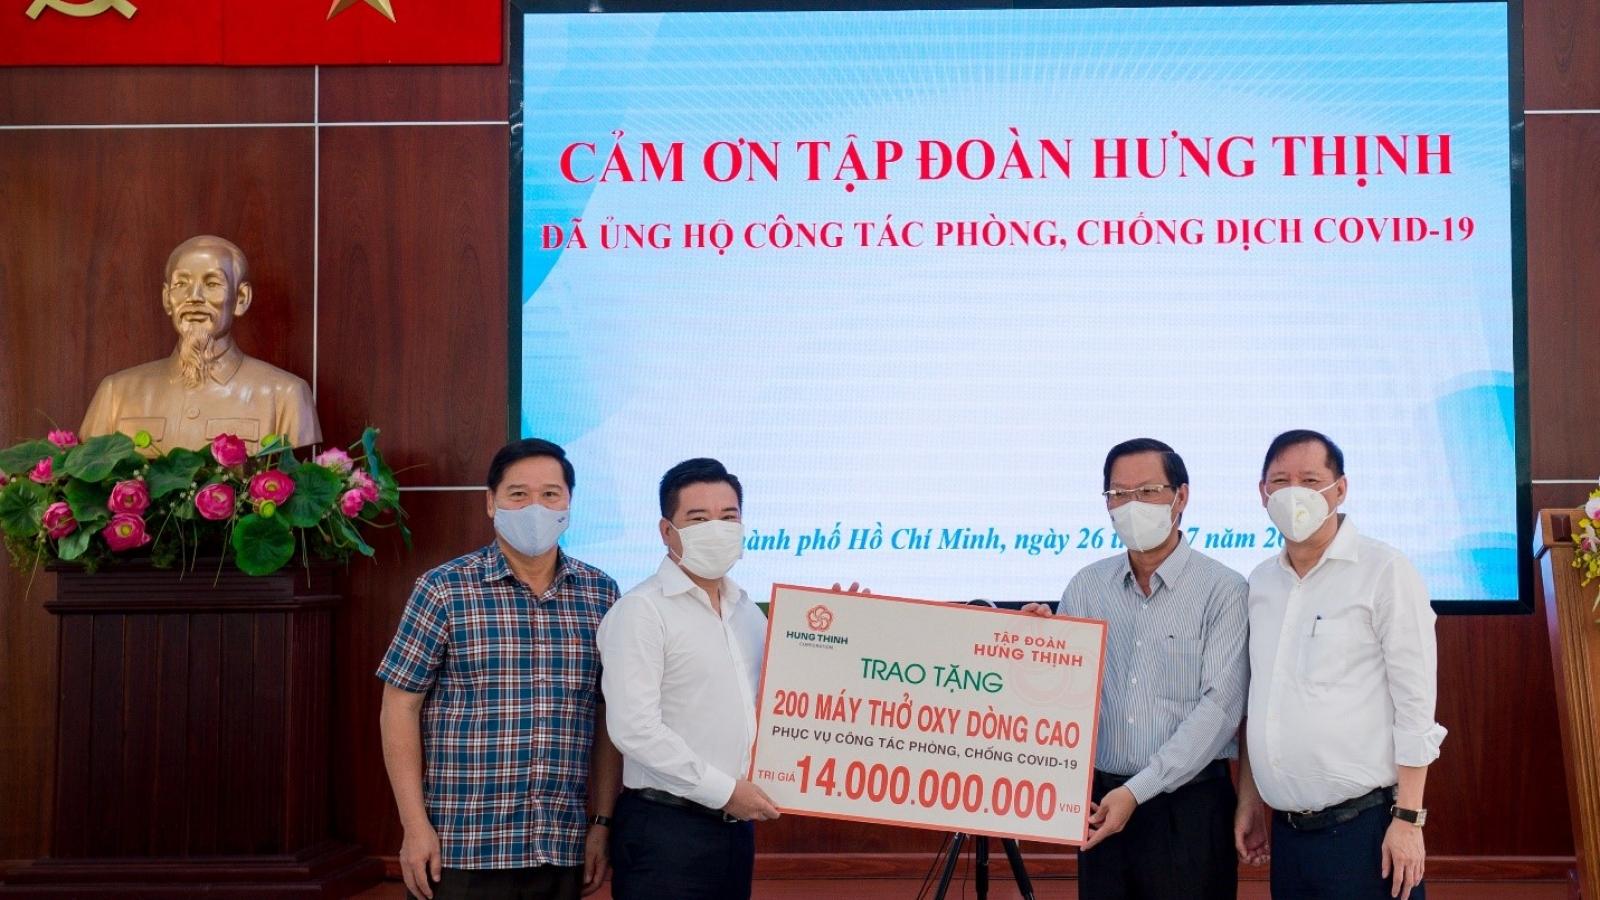 Tập đoàn Hưng Thịnh hỗ trợ hơn 35 tỷ đồng cho TP.HCM phòng chống dịch